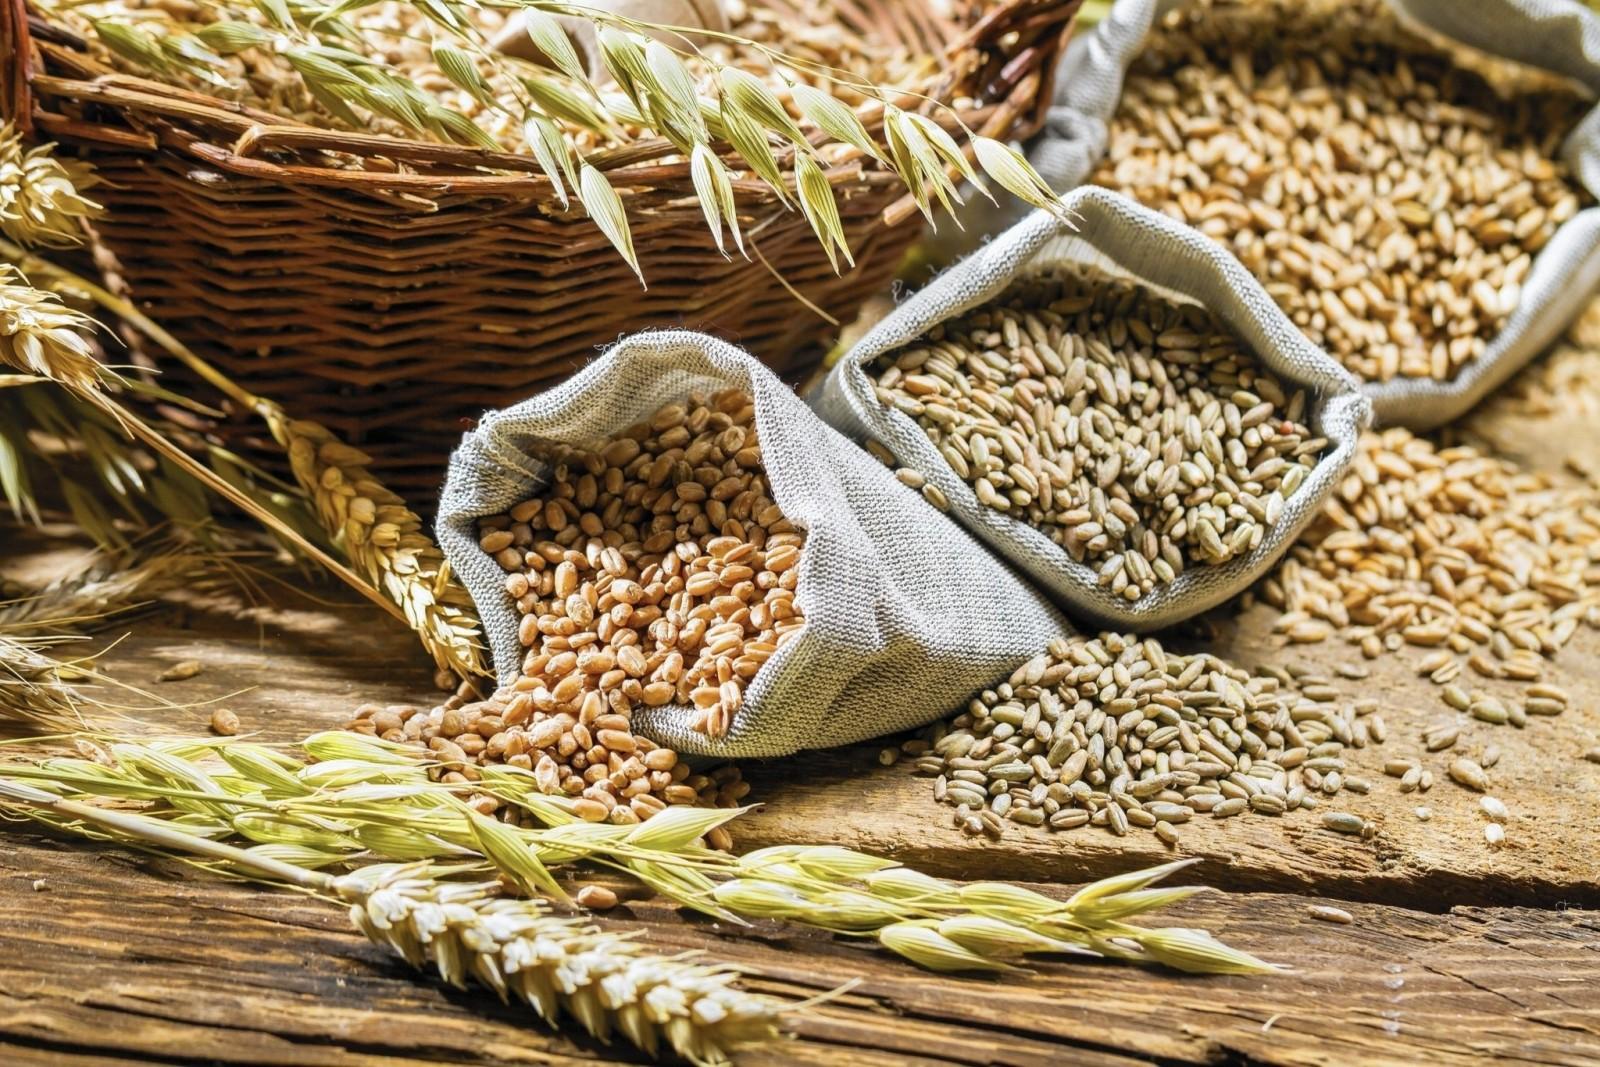 Управление Россельхознадзора проводит сертификацию зерна нового урожая